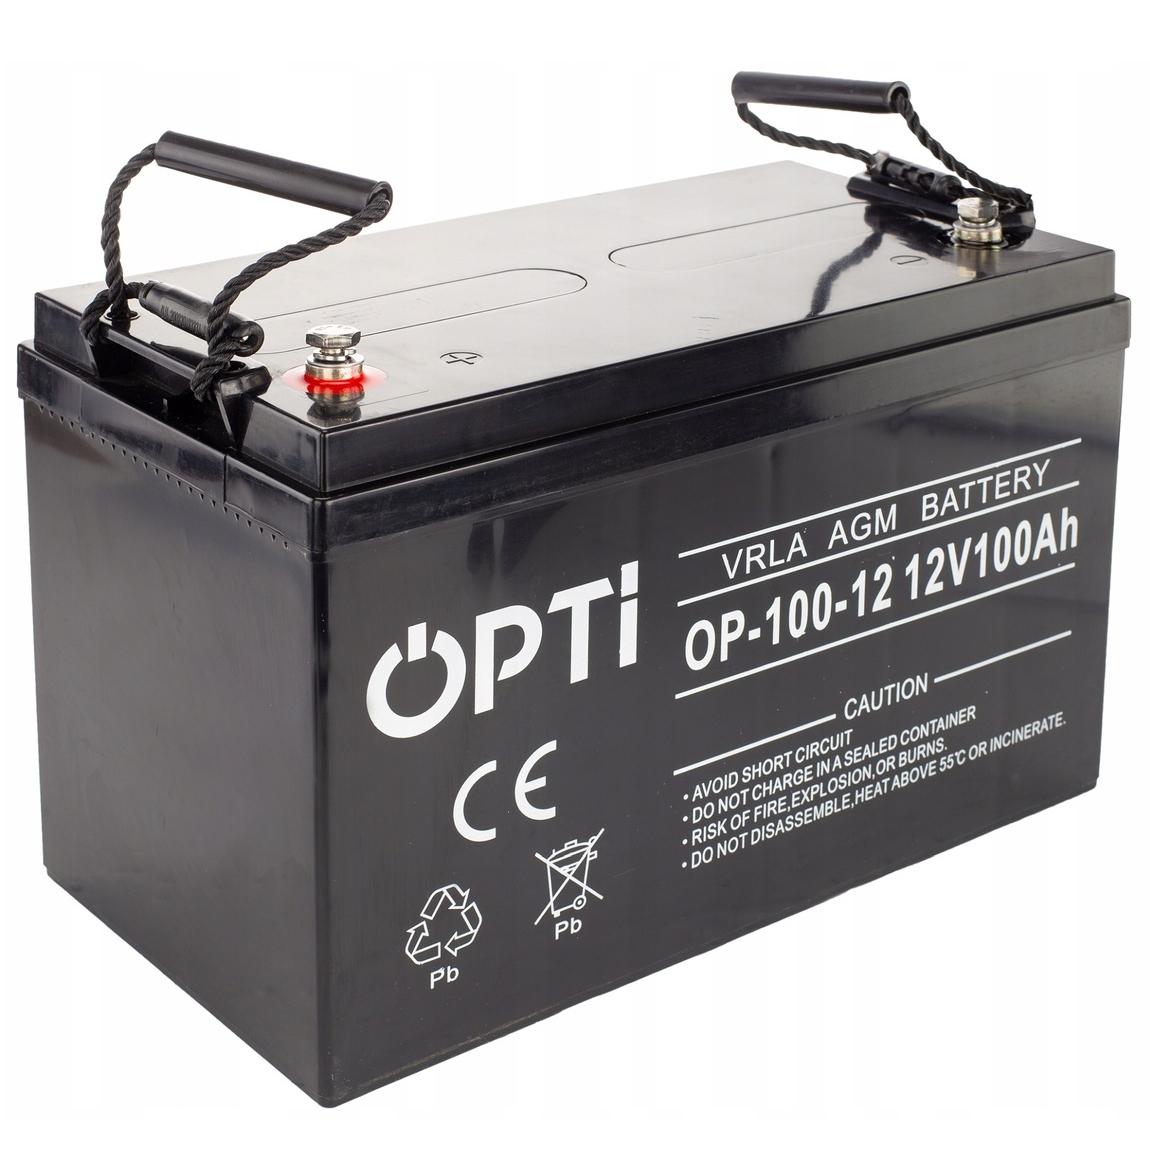 Купить АККУМУЛЯТОР ГЕЛЕВЫЙ НЕОБСЛУЖИВАЕМЫЙ AGM UPS DSP-3012LA 100AH на Eurozakup - цены и фото - доставка из Польши и стран Европы в Украину.